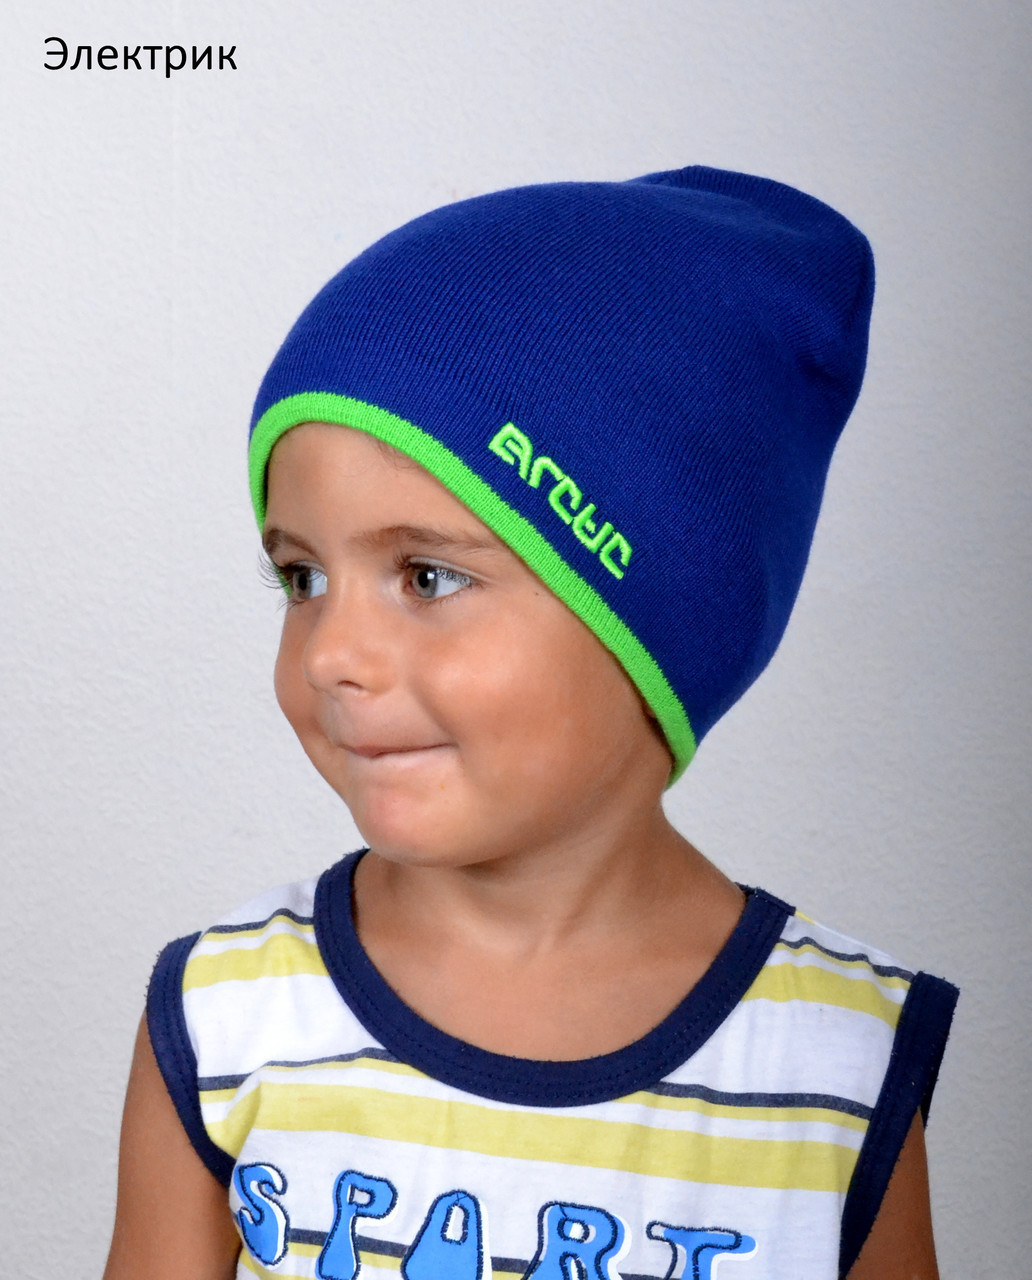 Модная детская шапка для мальчиков Авангард, фото 1